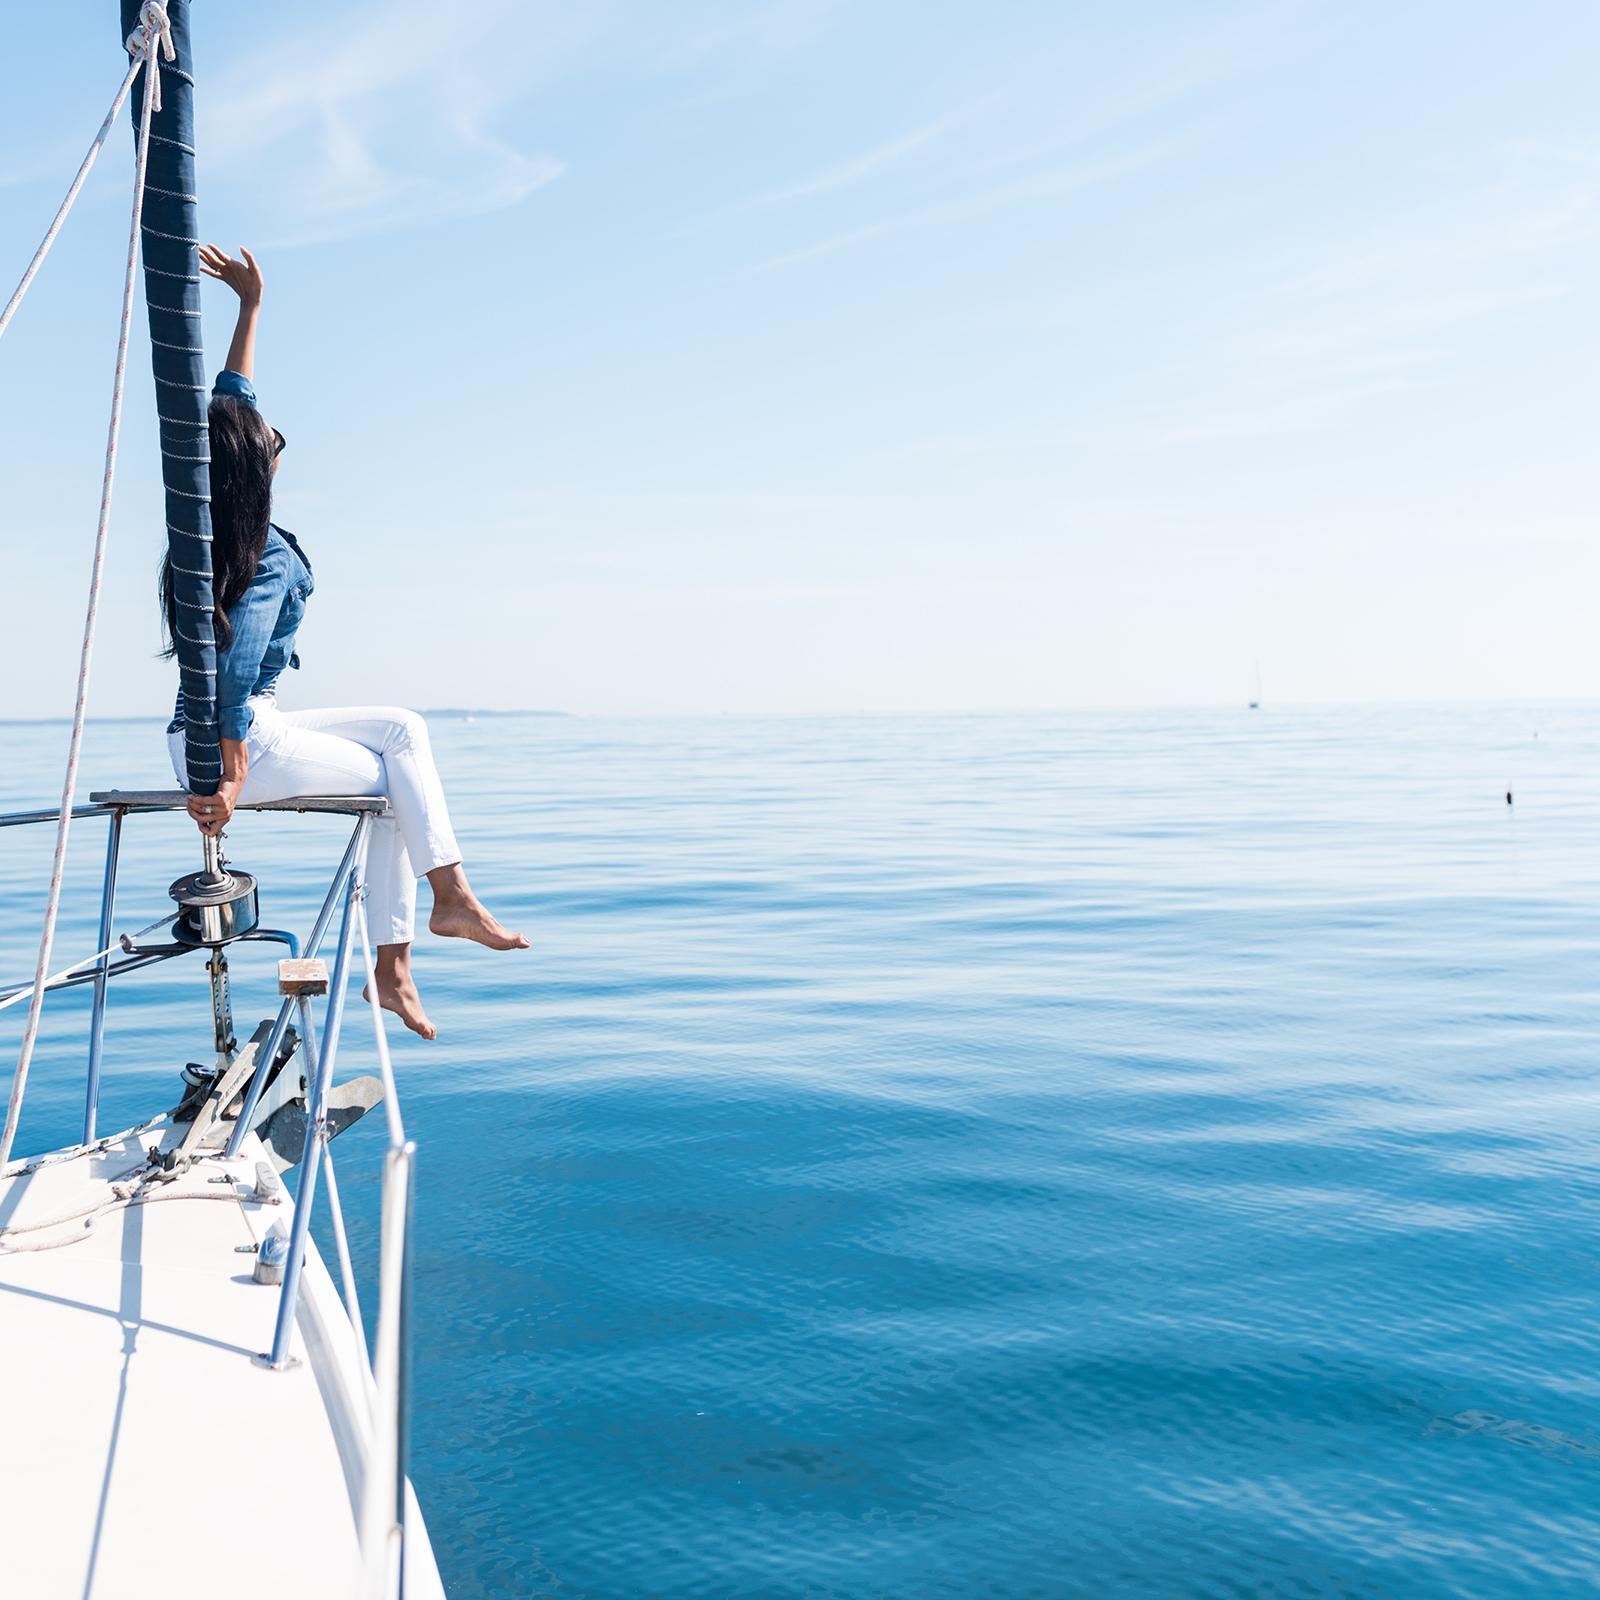 Sailing on a calm open sea